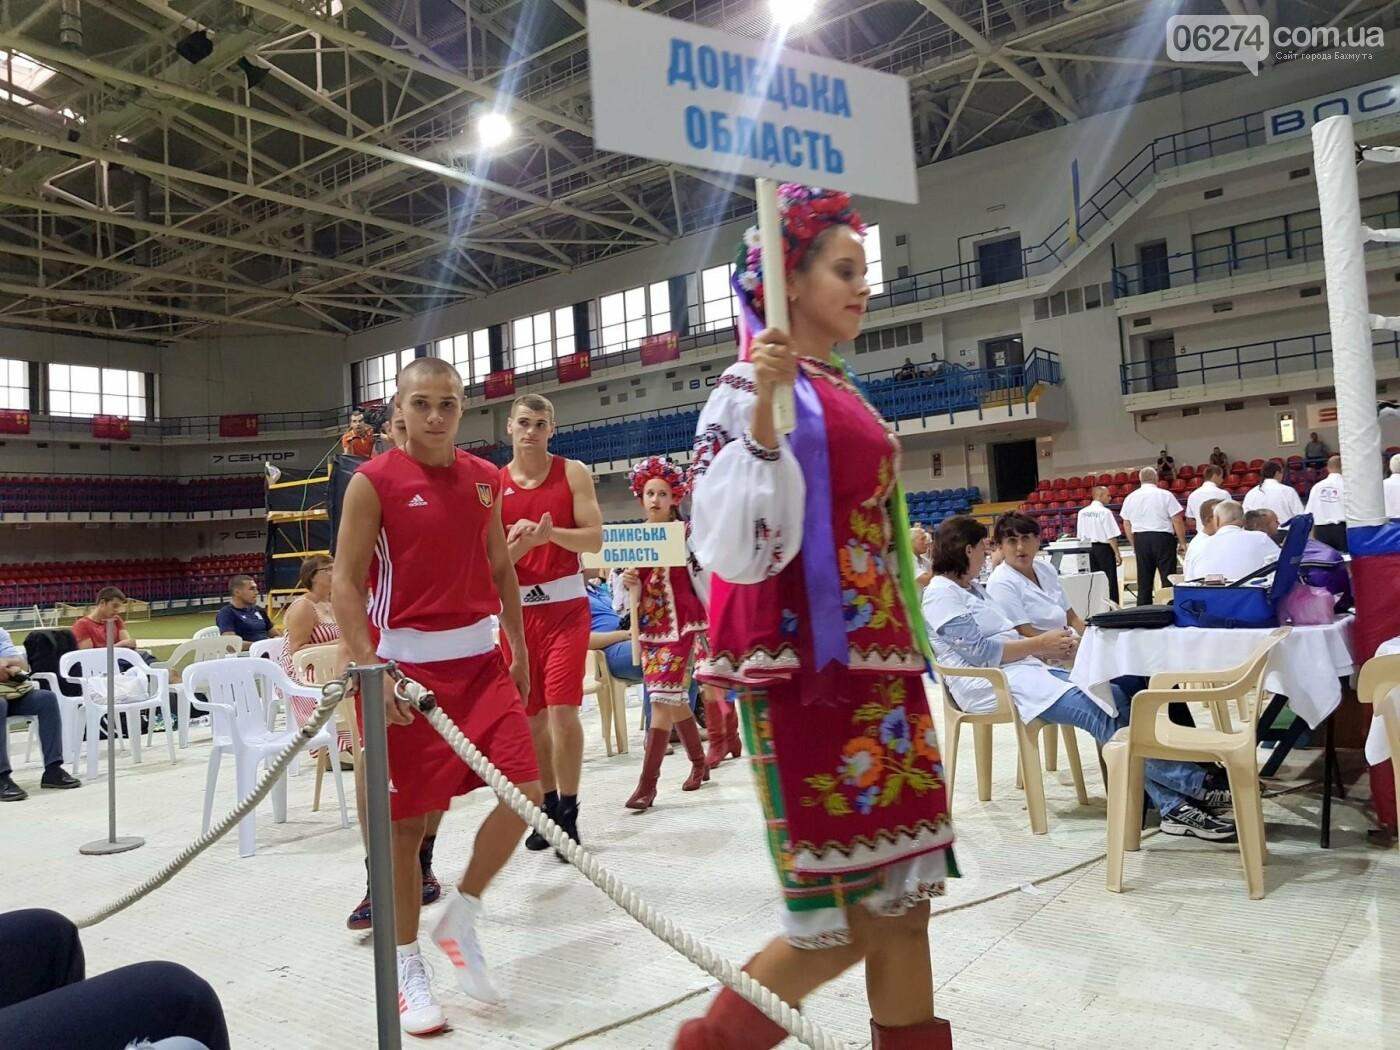 Боксеры Бахмута стартуют на чемпионате Украины в Мариуполе, фото-5